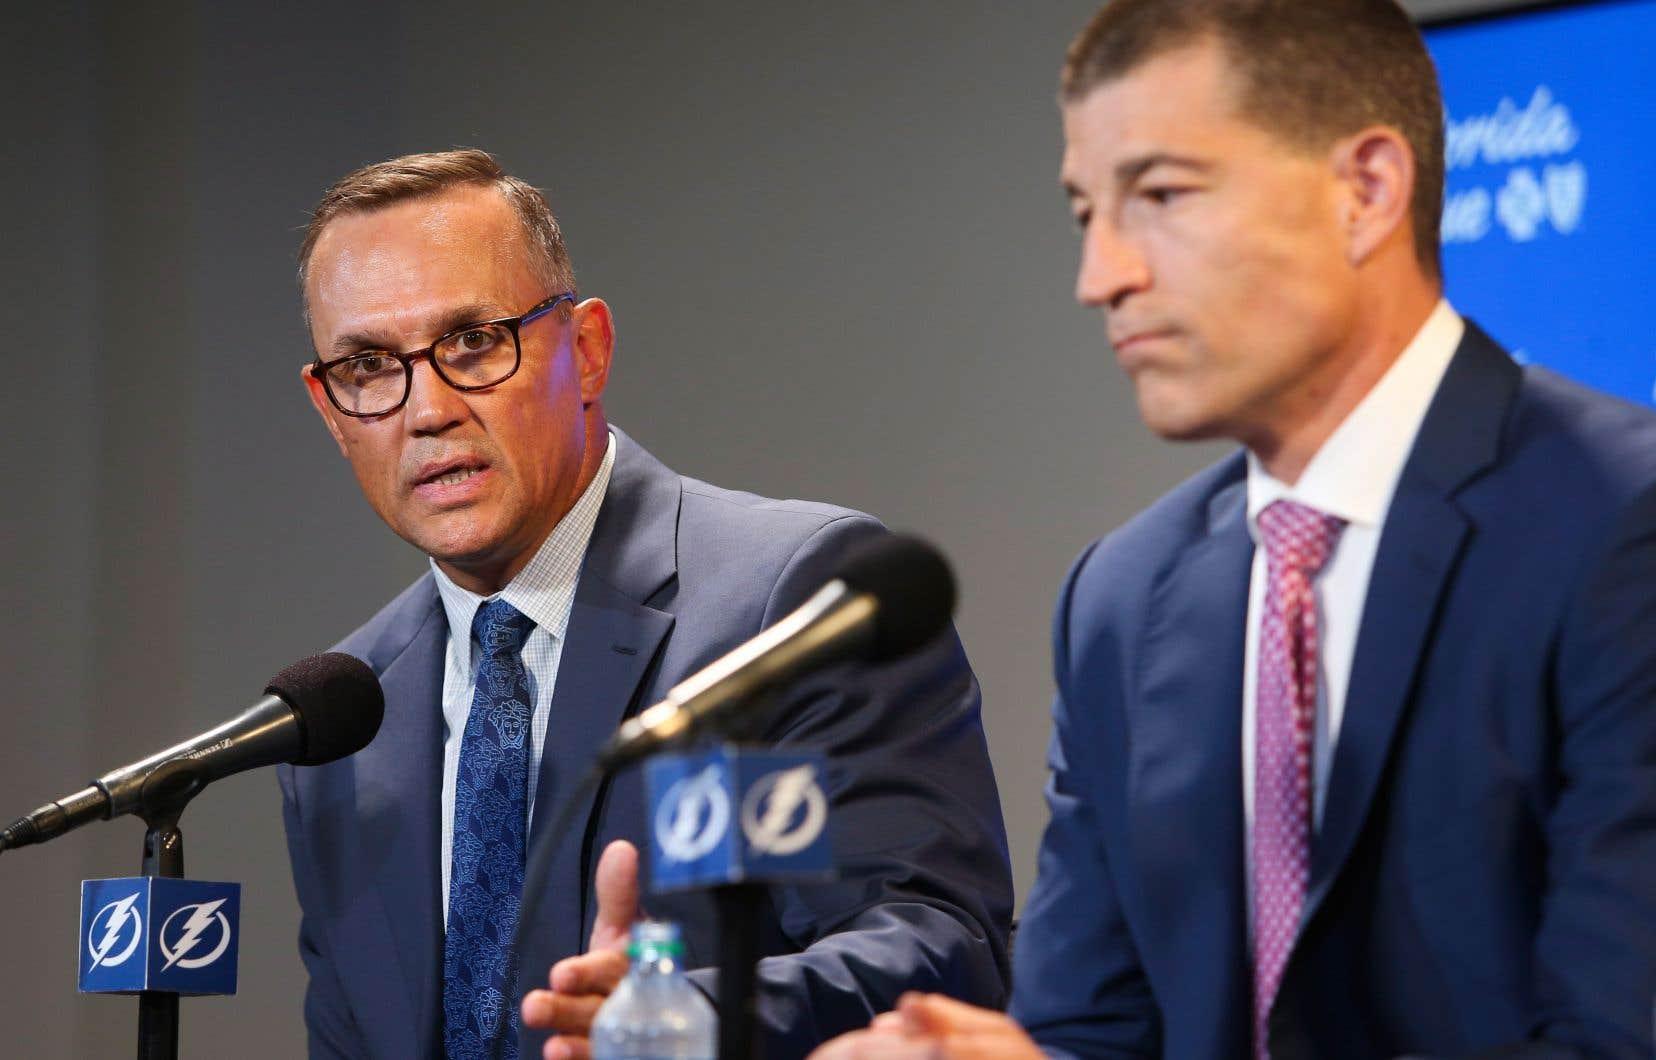 Steve Yzerman et Julien BriseBois, lors de la conférence de presse à Tampa Bay, en Floride